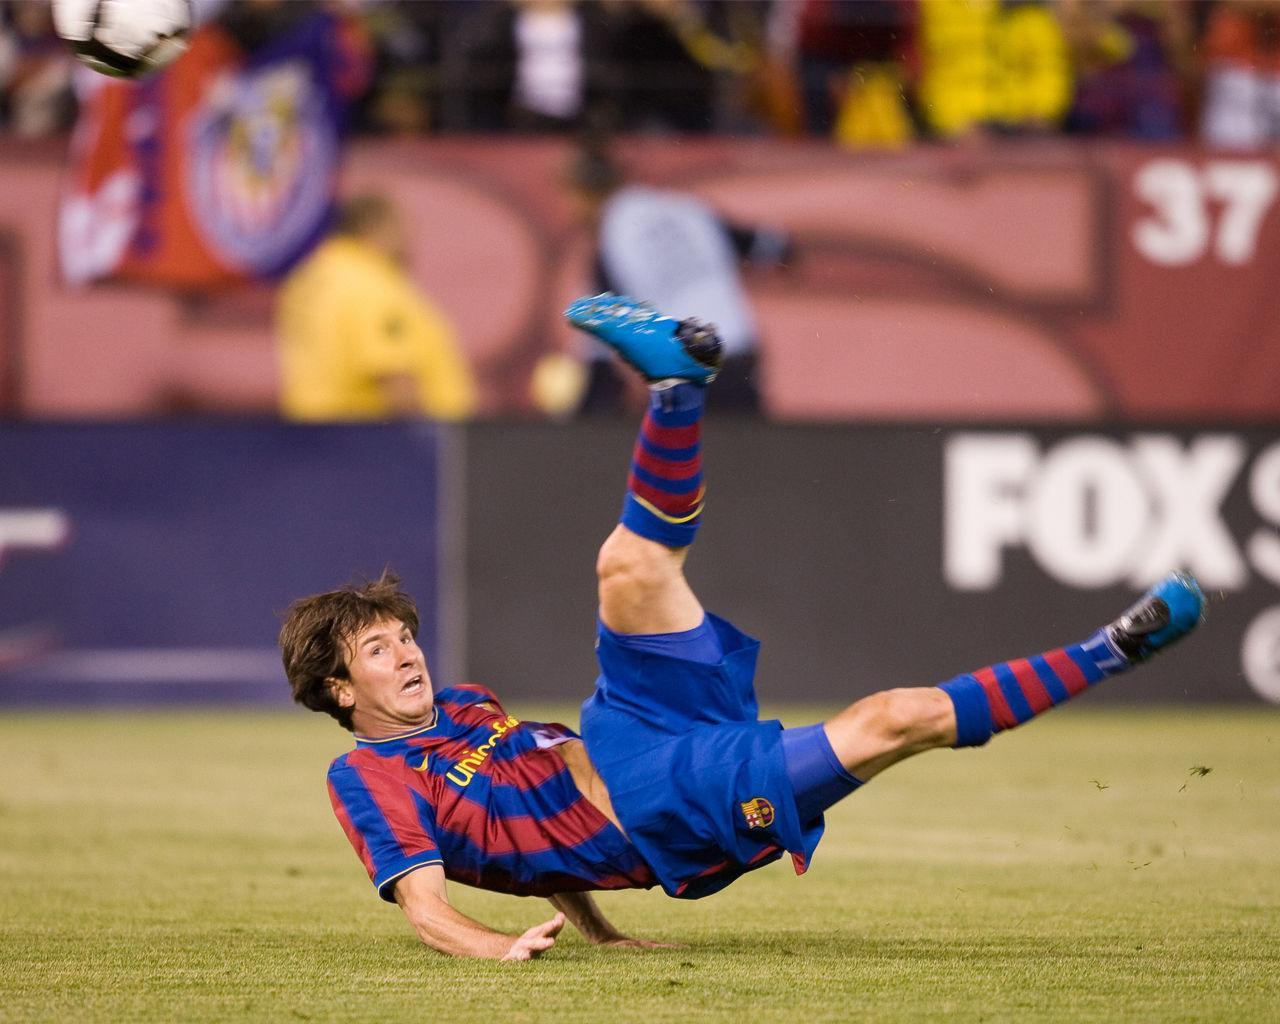 巴塞罗那足球俱乐部图片